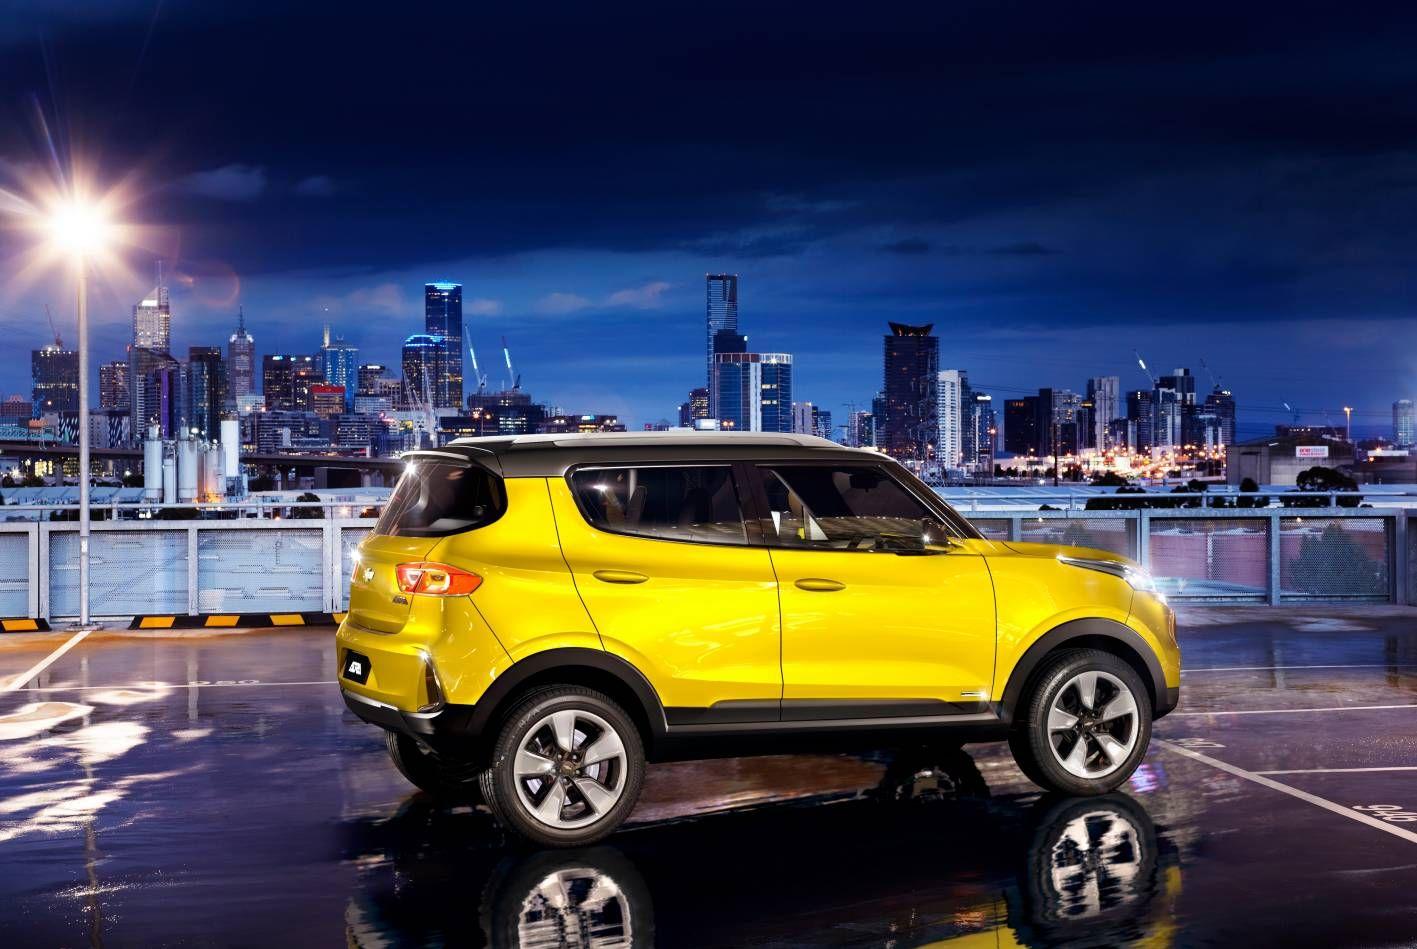 Chevrolet Cars News Chevrolet Adra Small Suv For India Carros